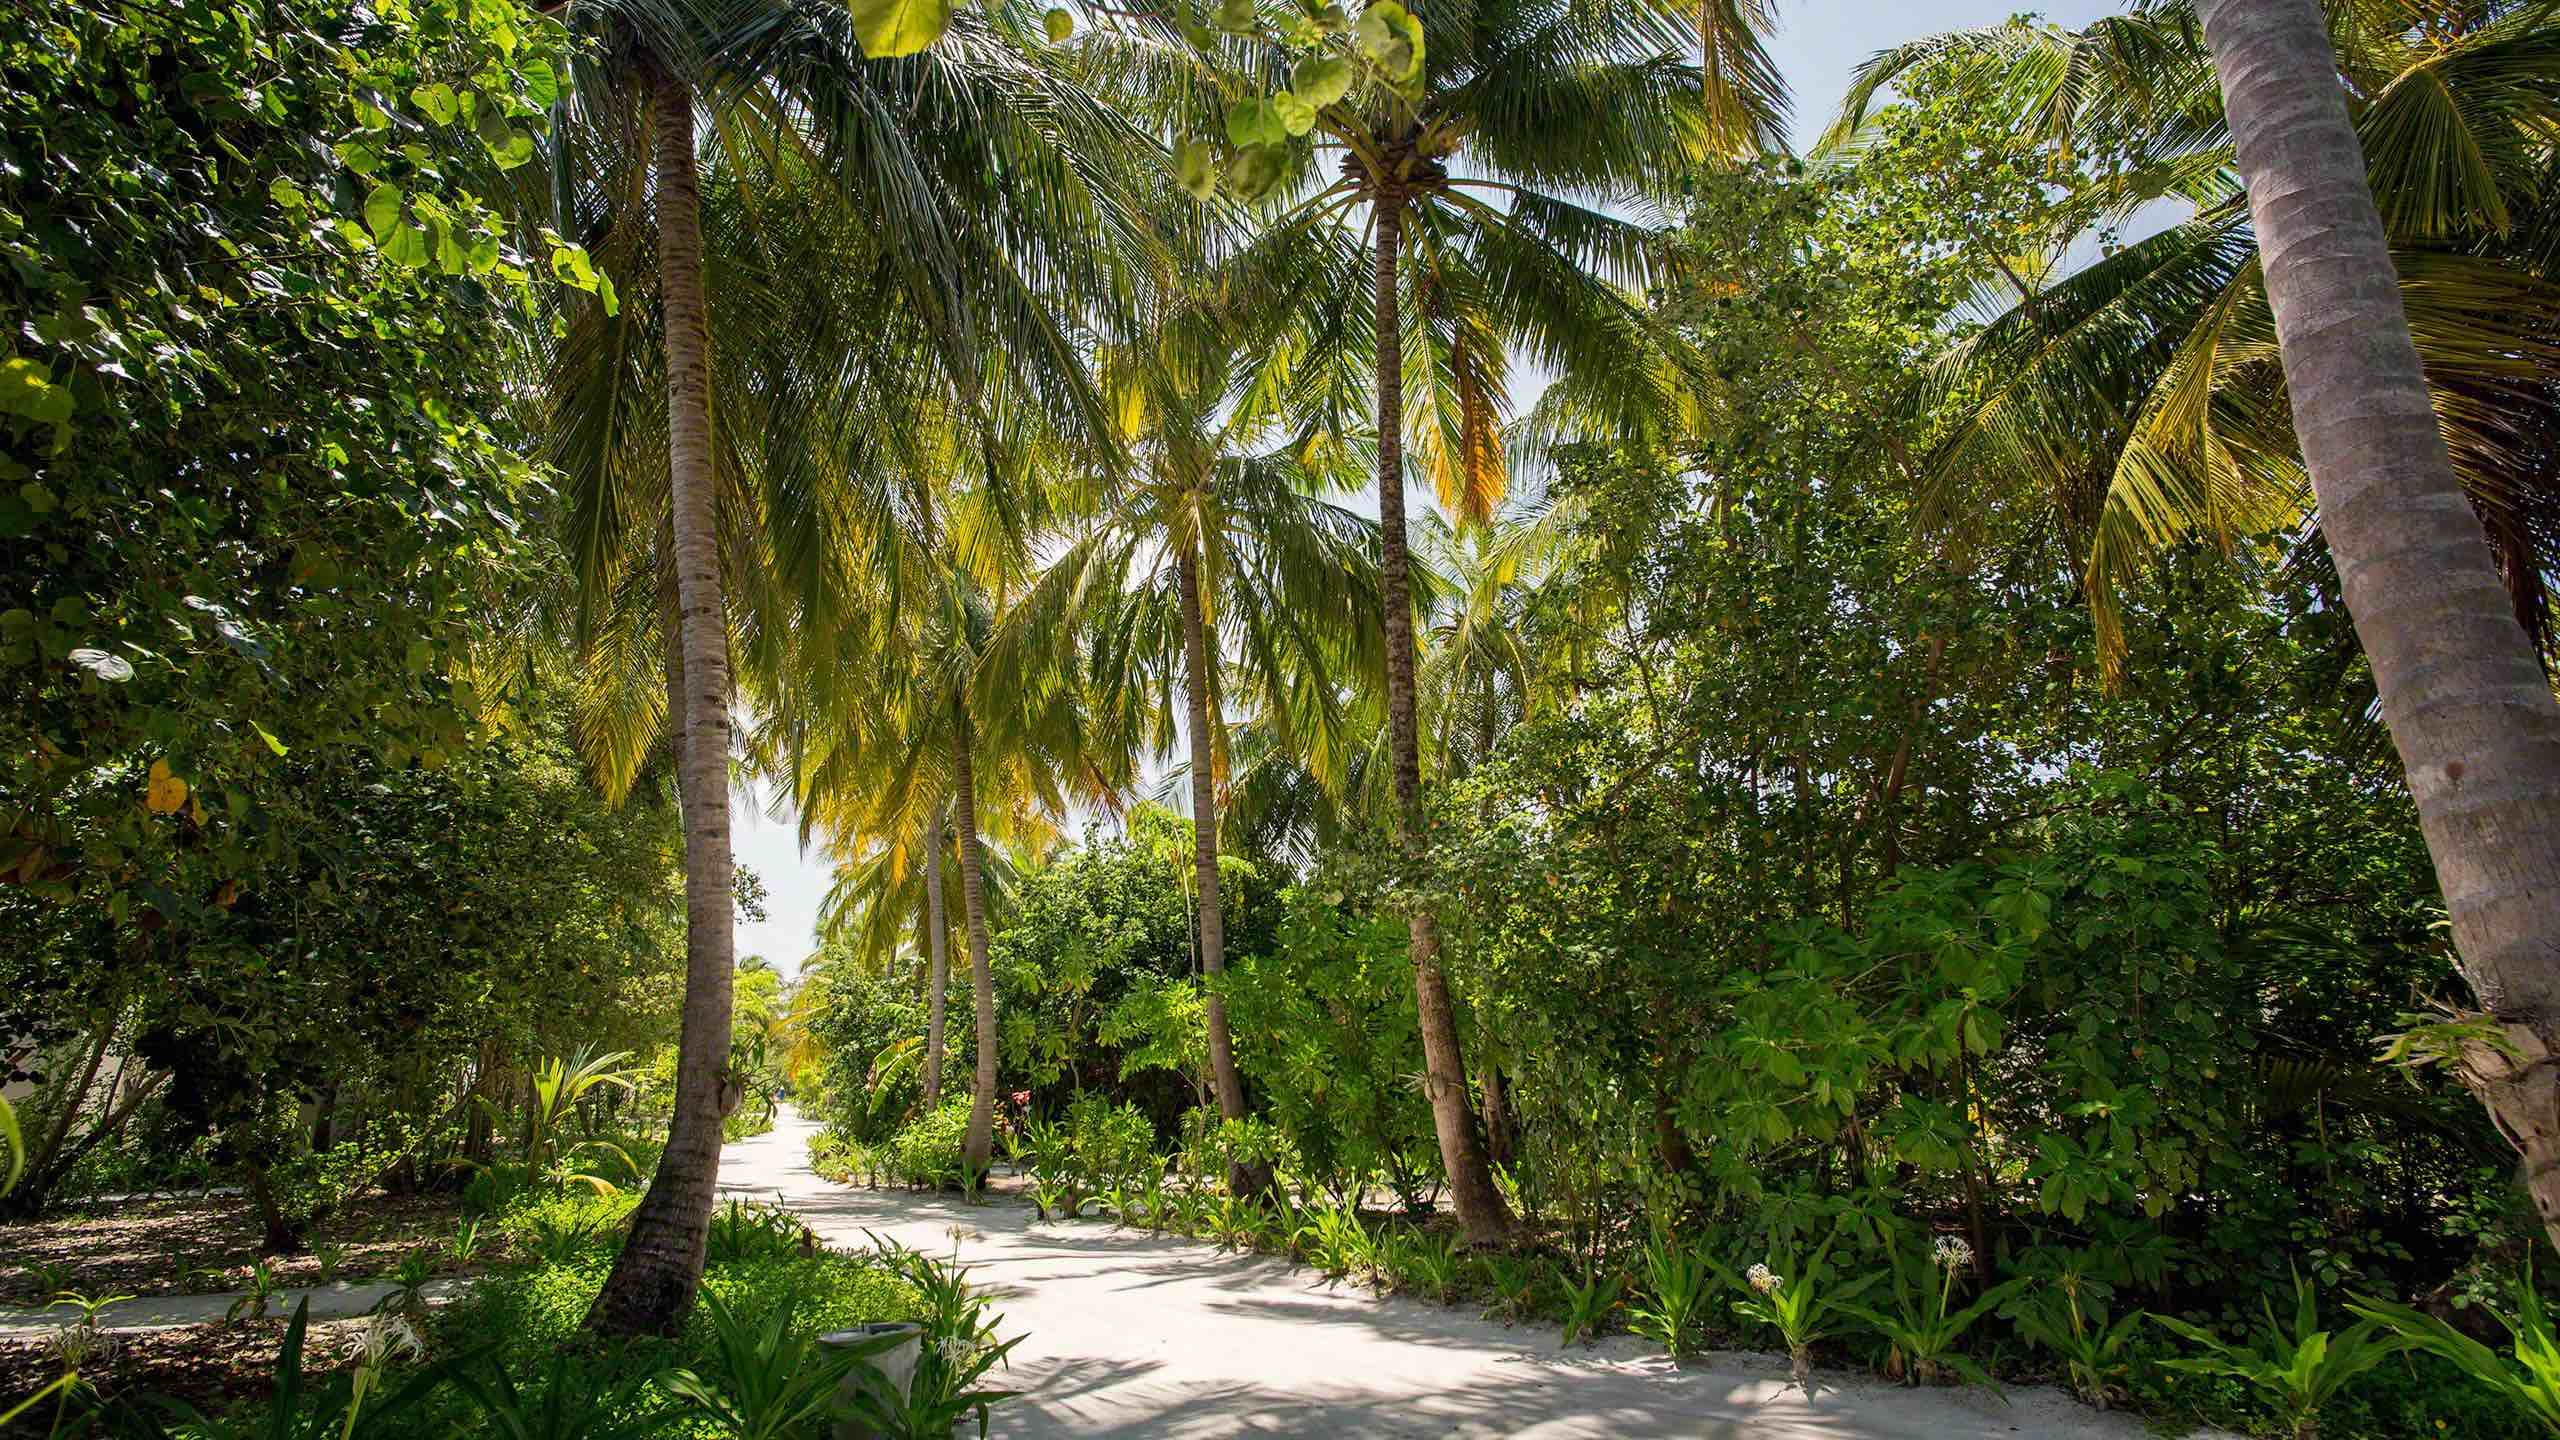 Der Urwald in der Inselmitte, ein tropischer Urlaubstraum ©Mirco Seyfert